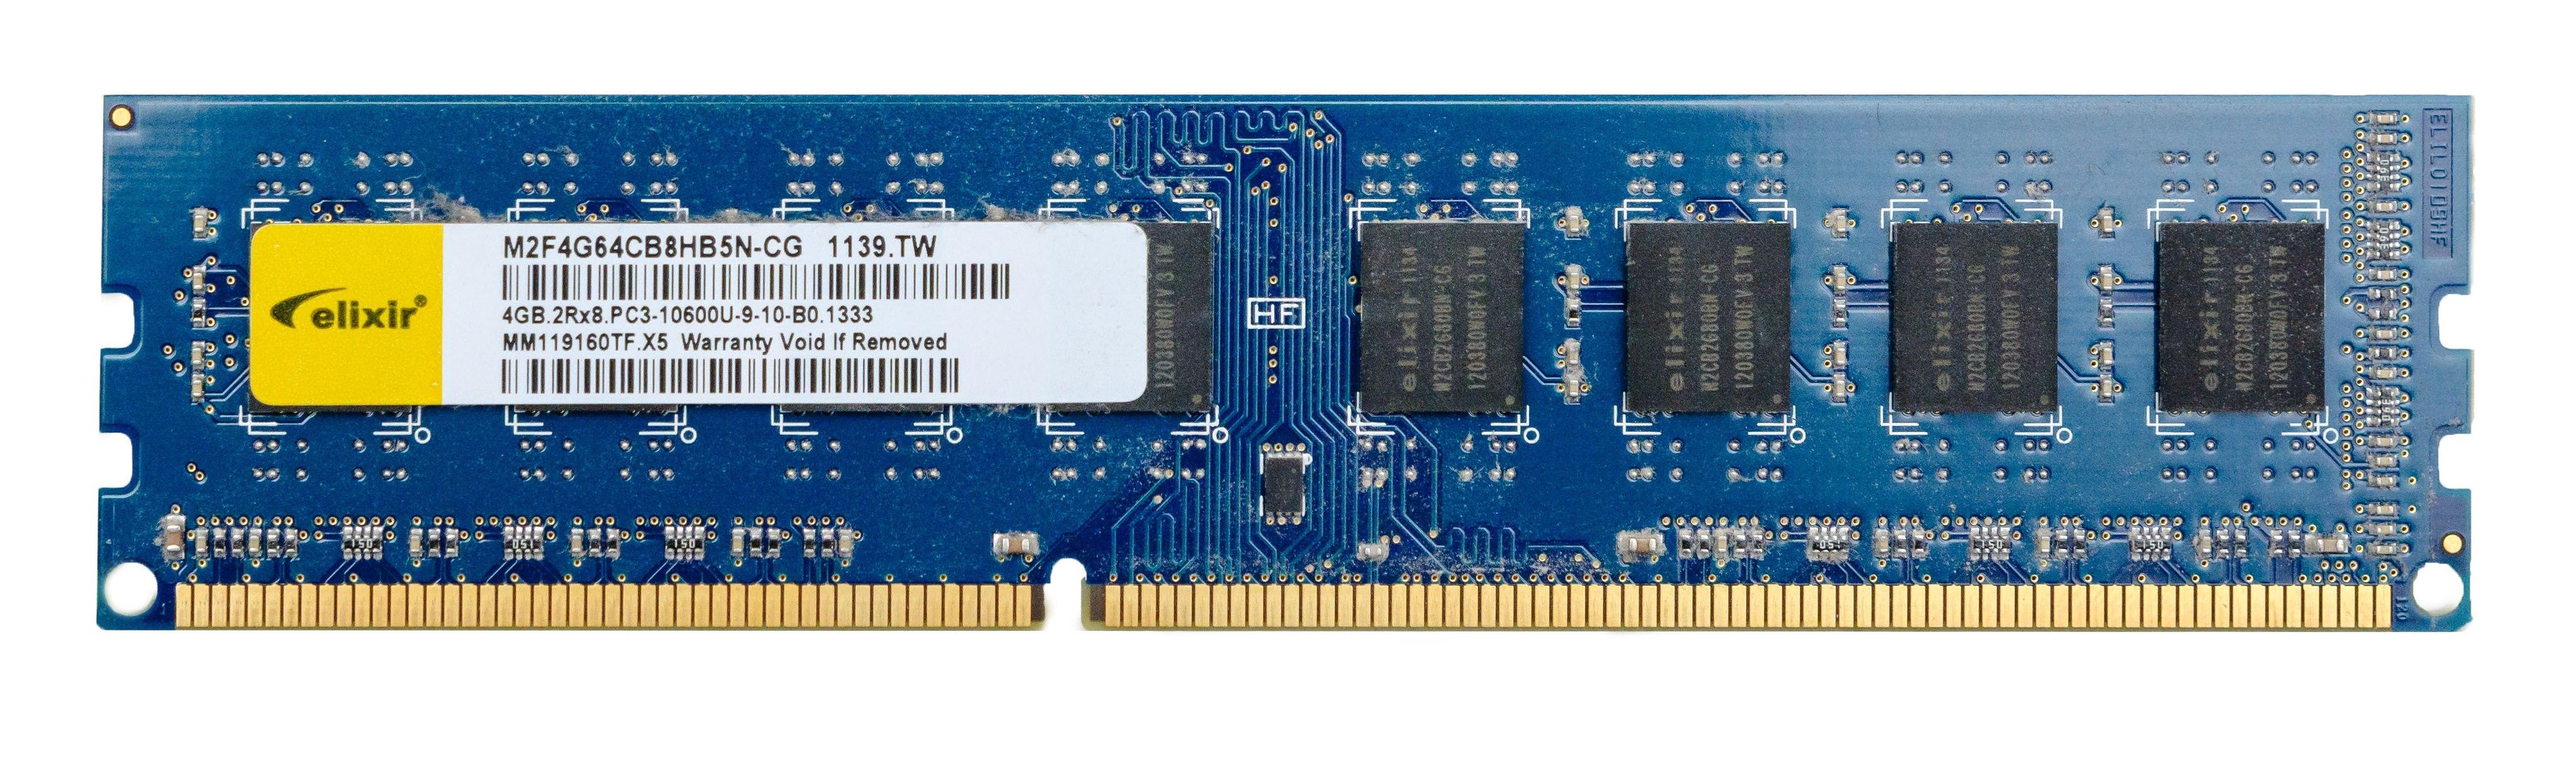 DDR3 RAM 53051